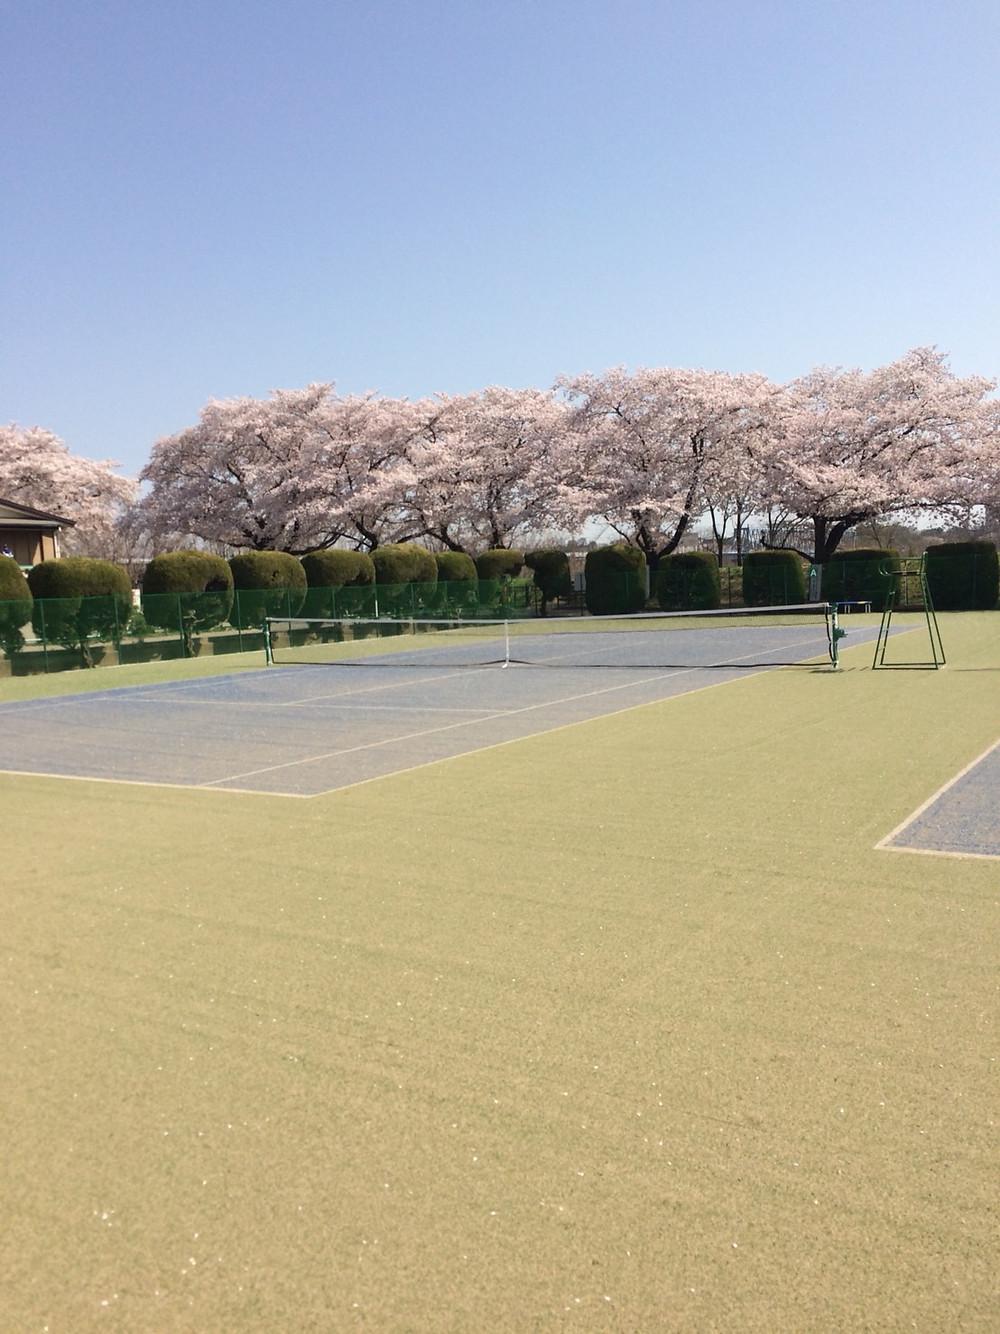 市 天気 あきる野 東京都あきる野市の天気